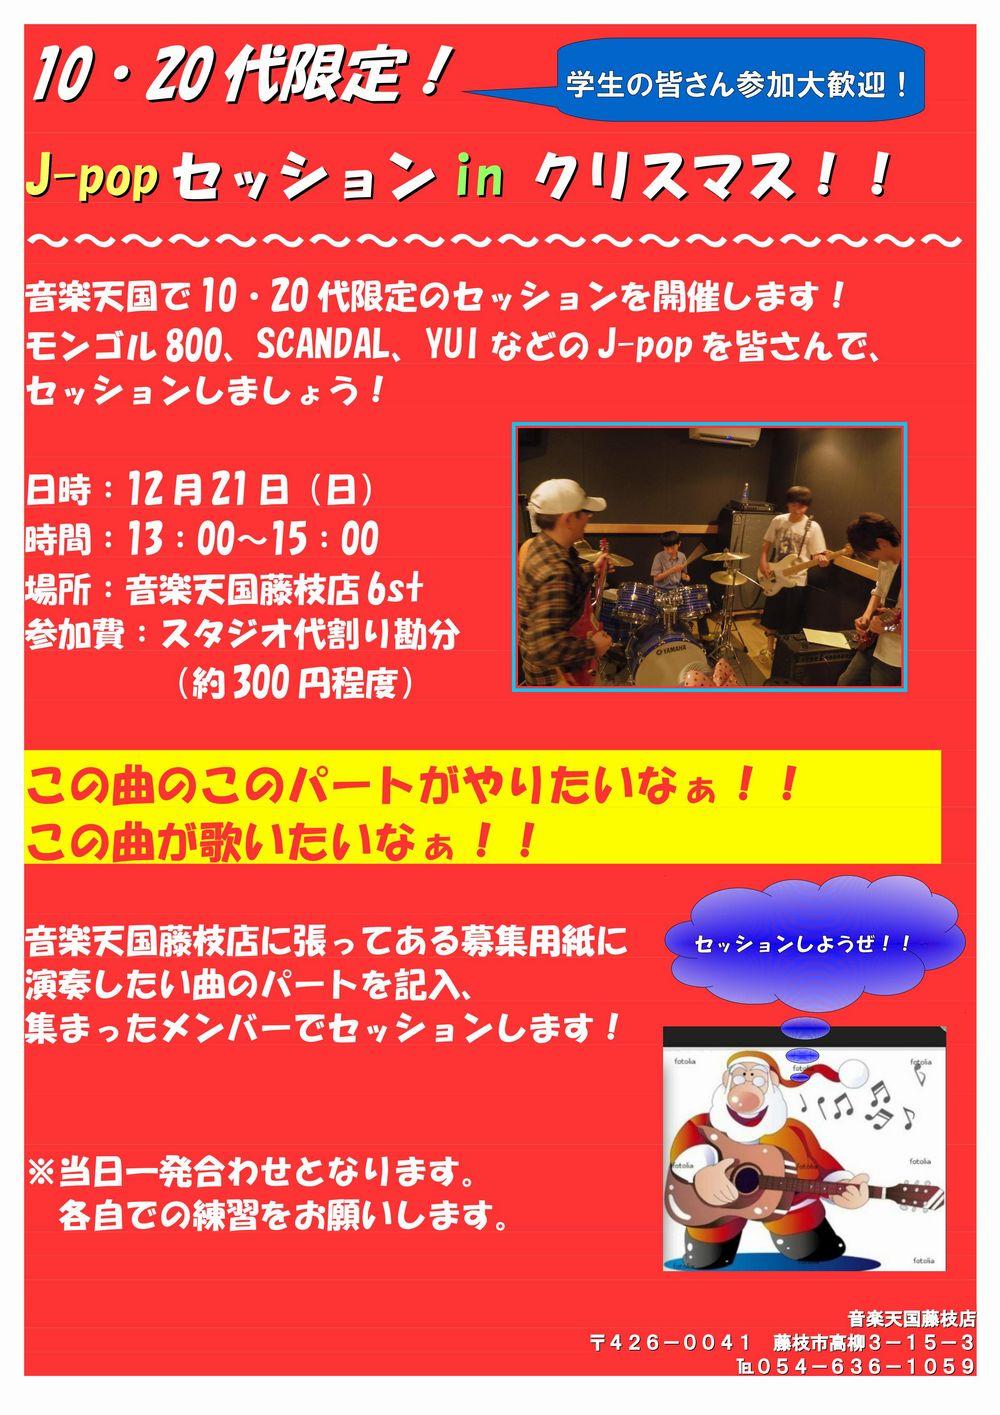 【10・20代限定スタジオライブ】藤枝店12月21日(日)初開催